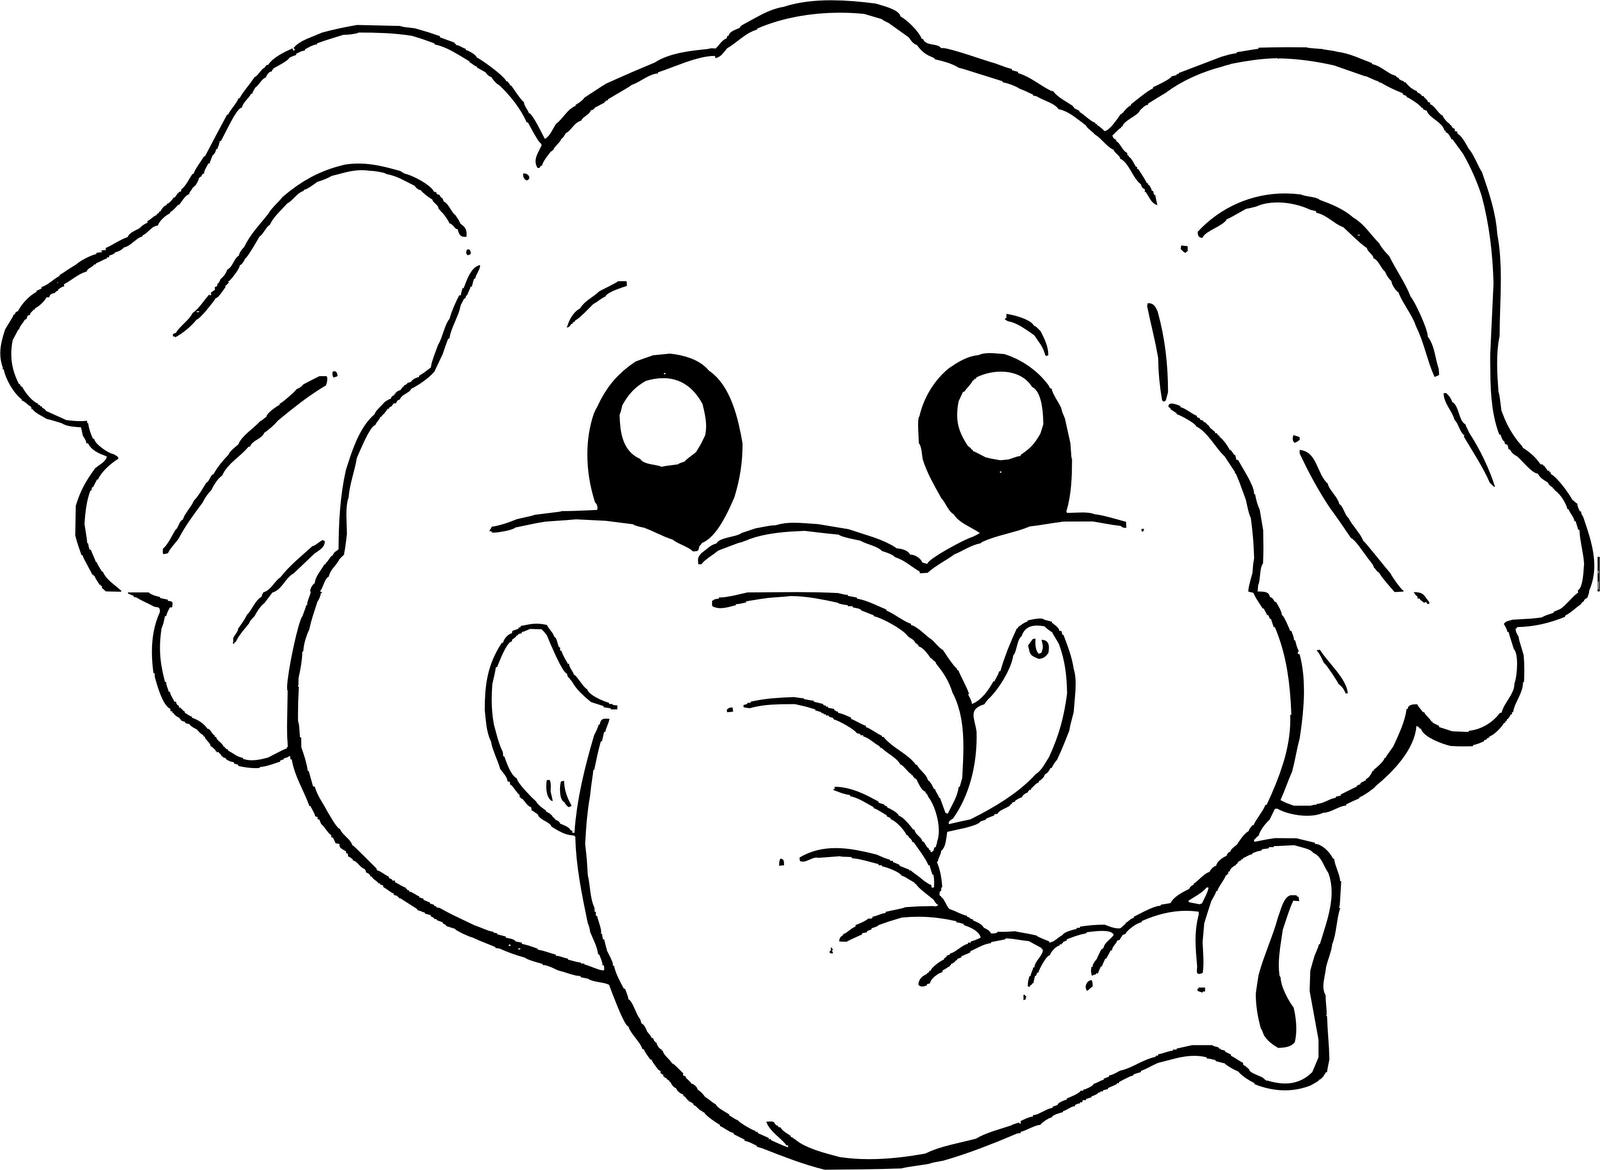 Dibujo Elefante Para Colorear E Imprimir: Mascaras De Elefantes Para Imprimir